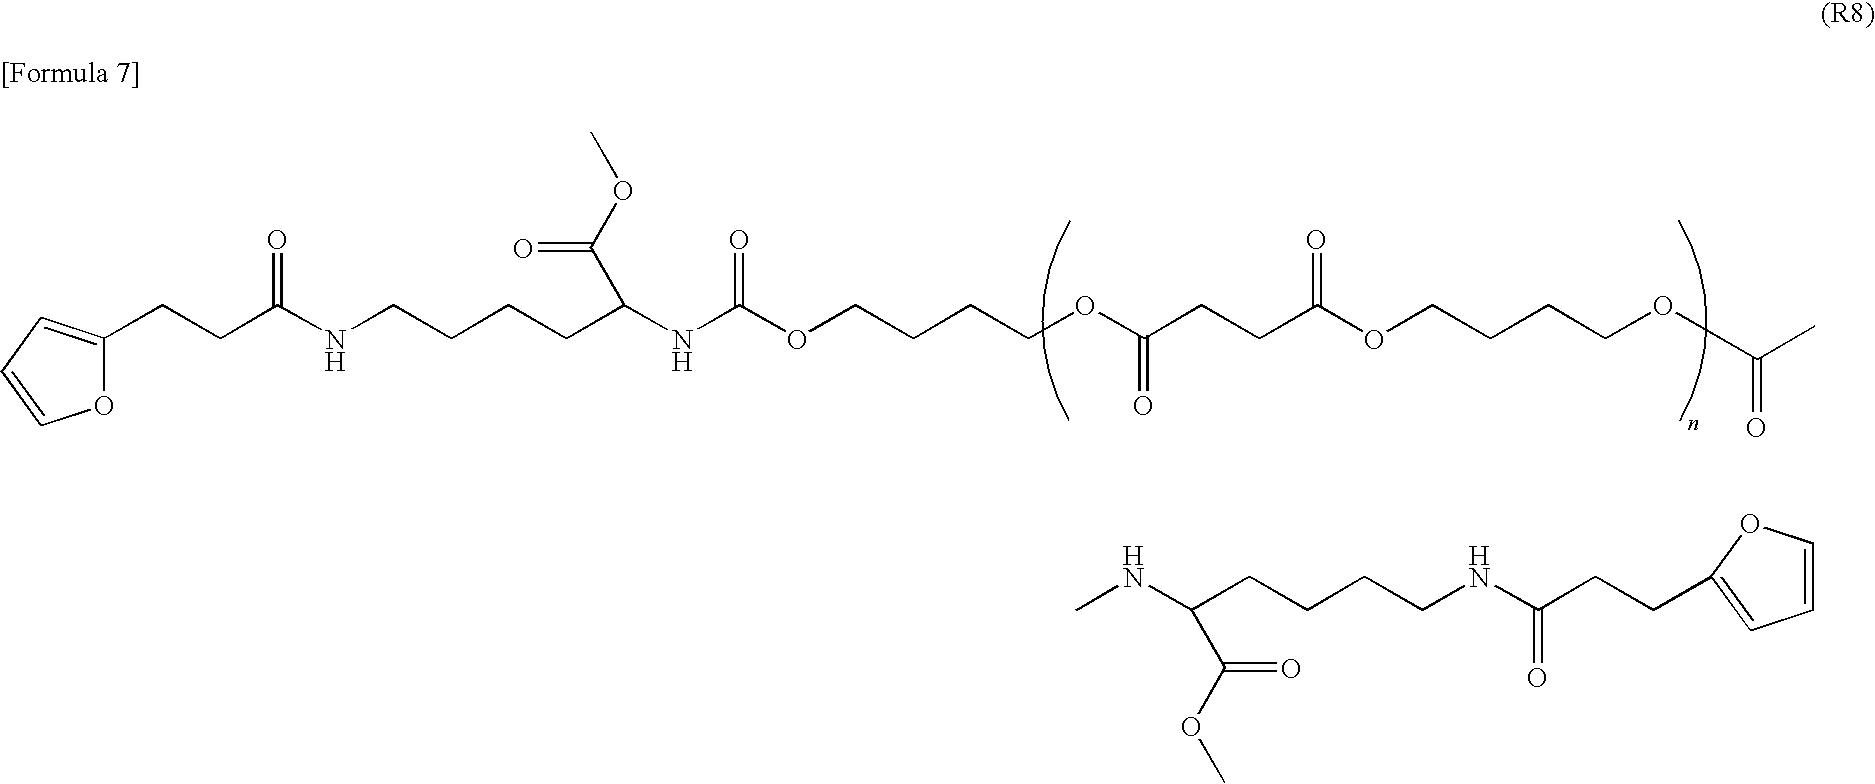 Figure US20100240841A1-20100923-C00008